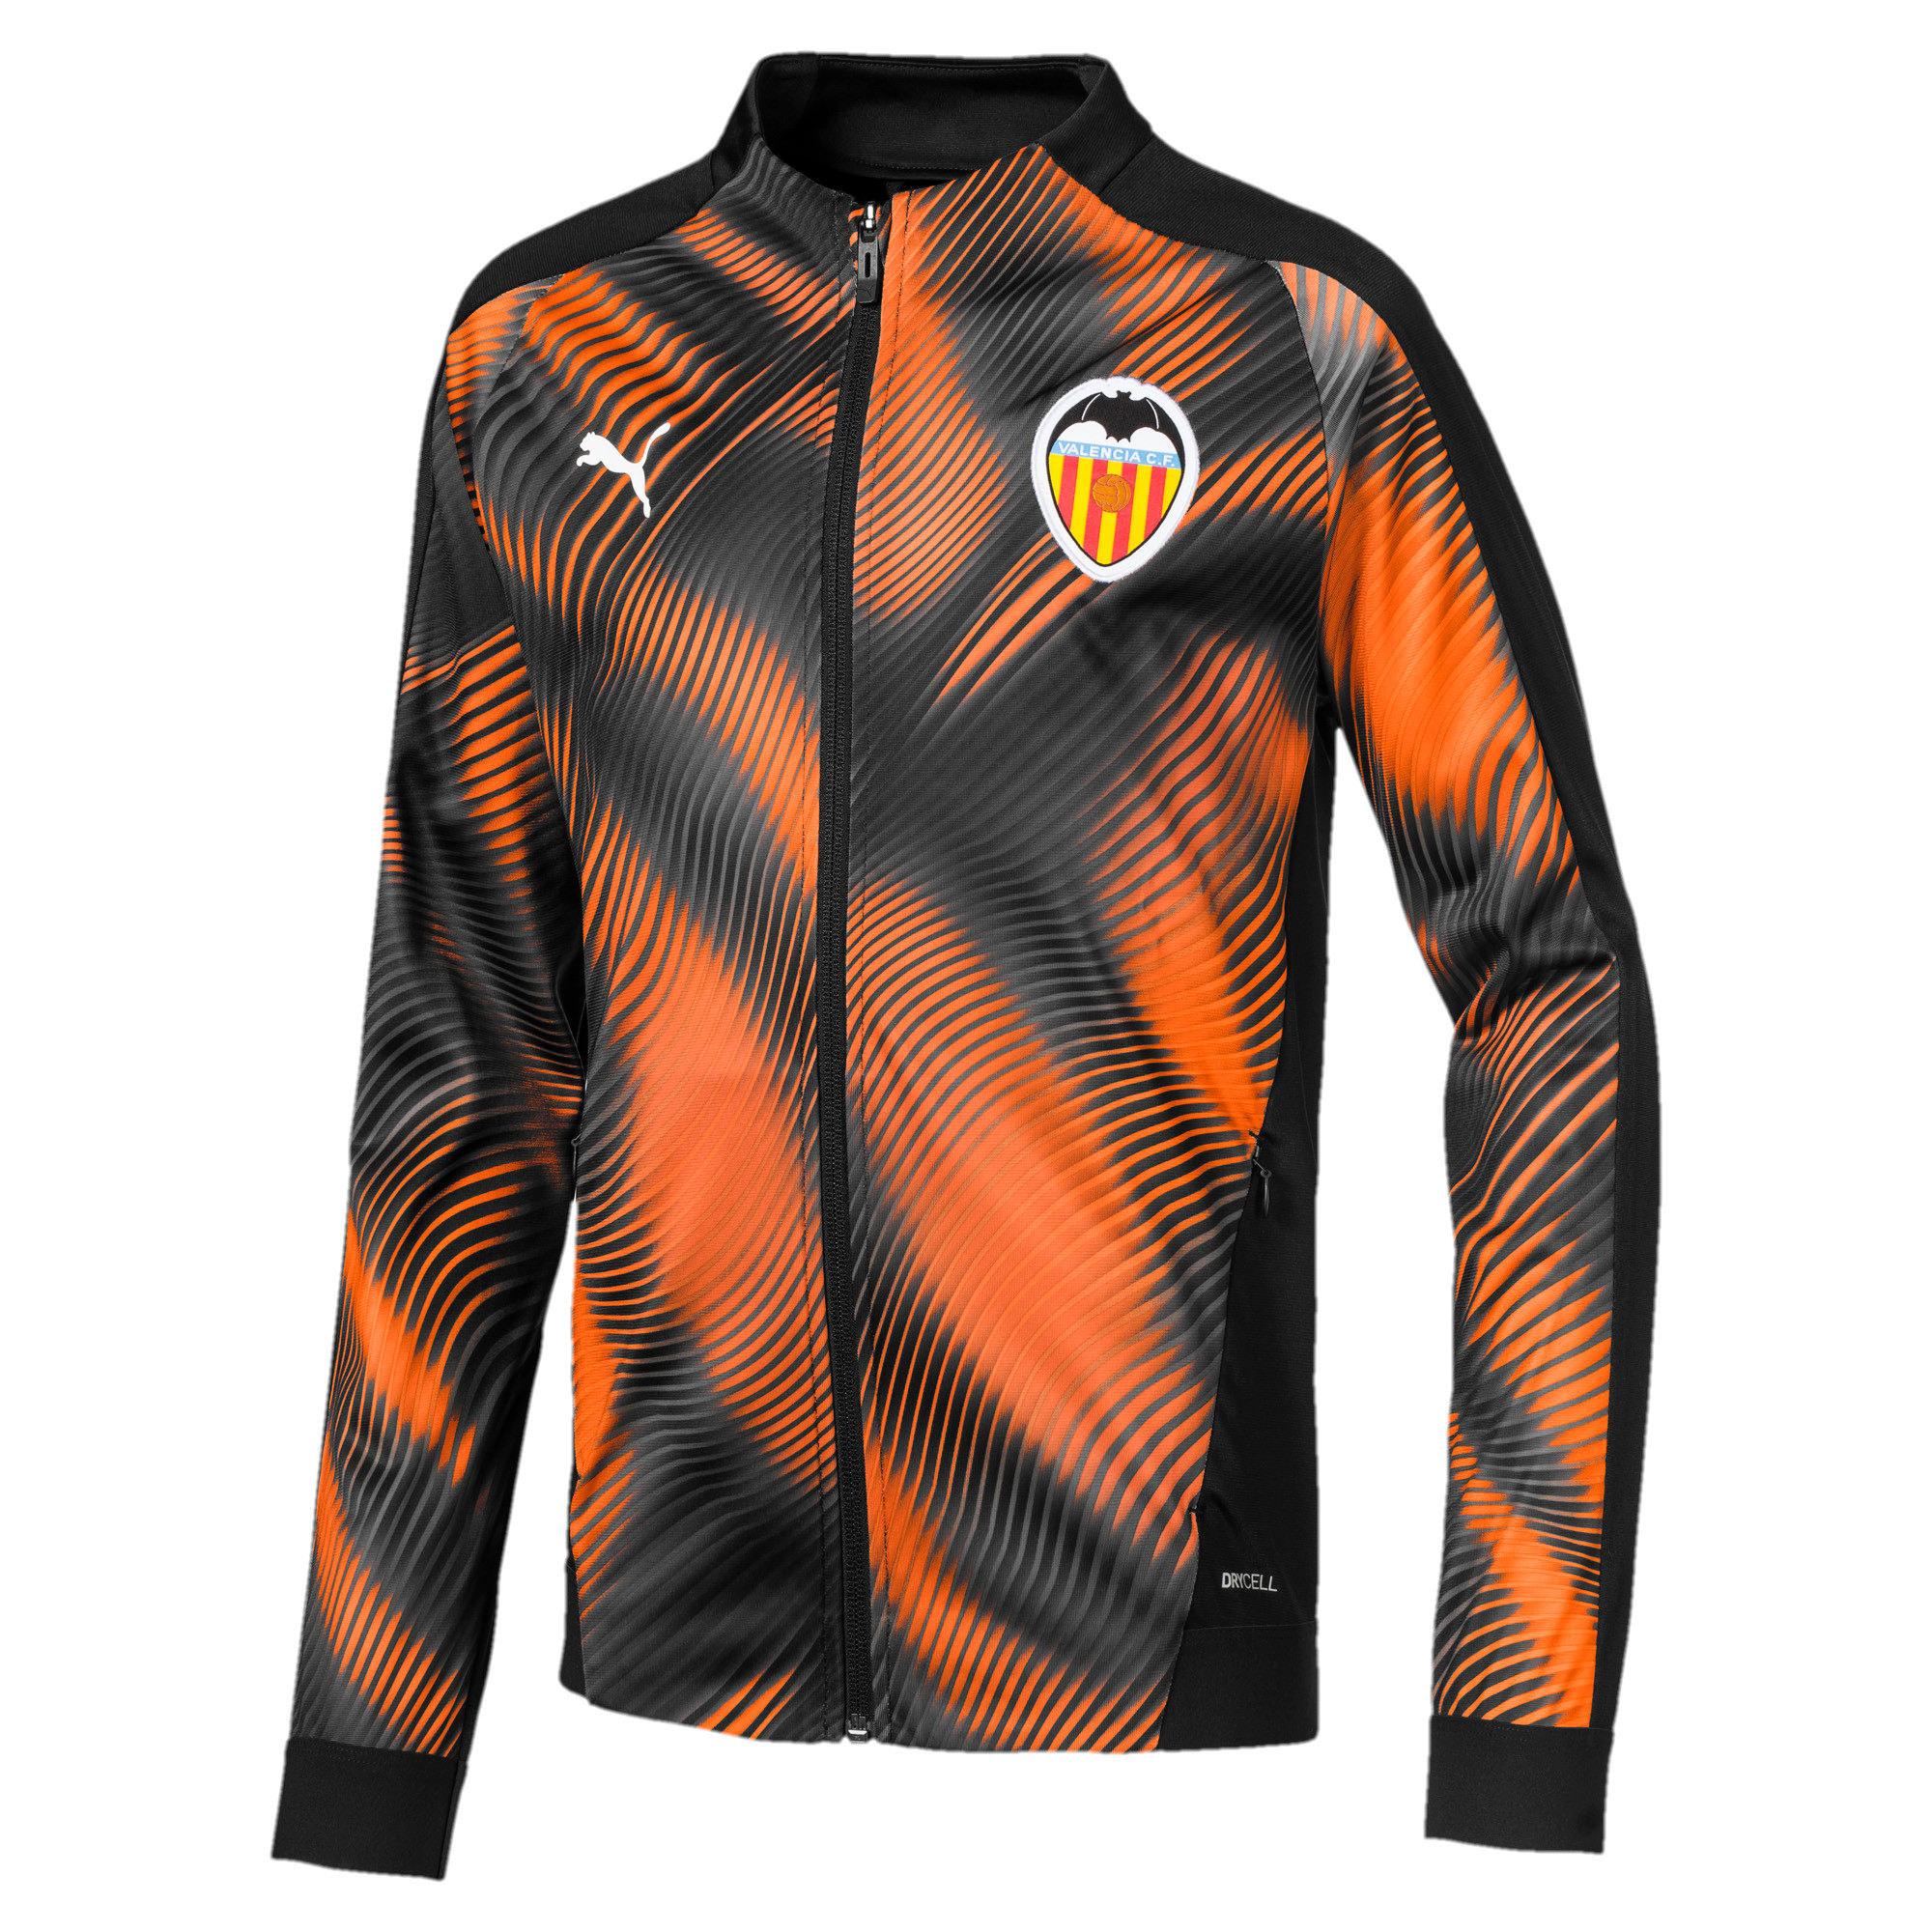 Thumbnail 1 of Valencia CF Kinder Stadium Jacke, Puma Black-Vibrant Orange, medium